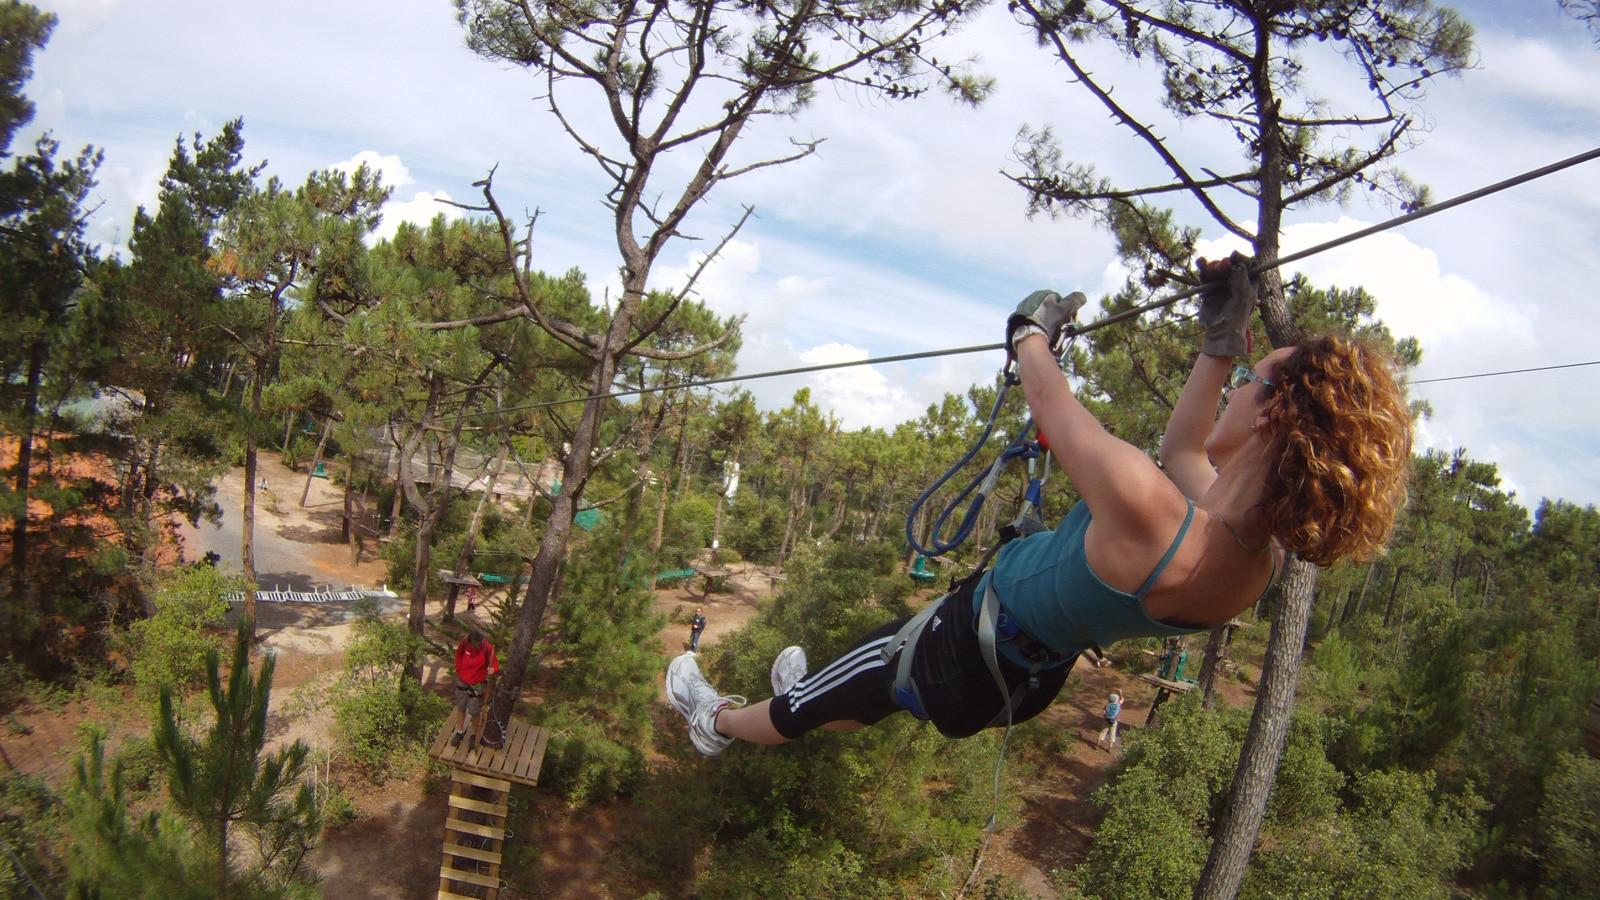 Activités sports et nature en Vendée au Pays de Saint Jean de Monts